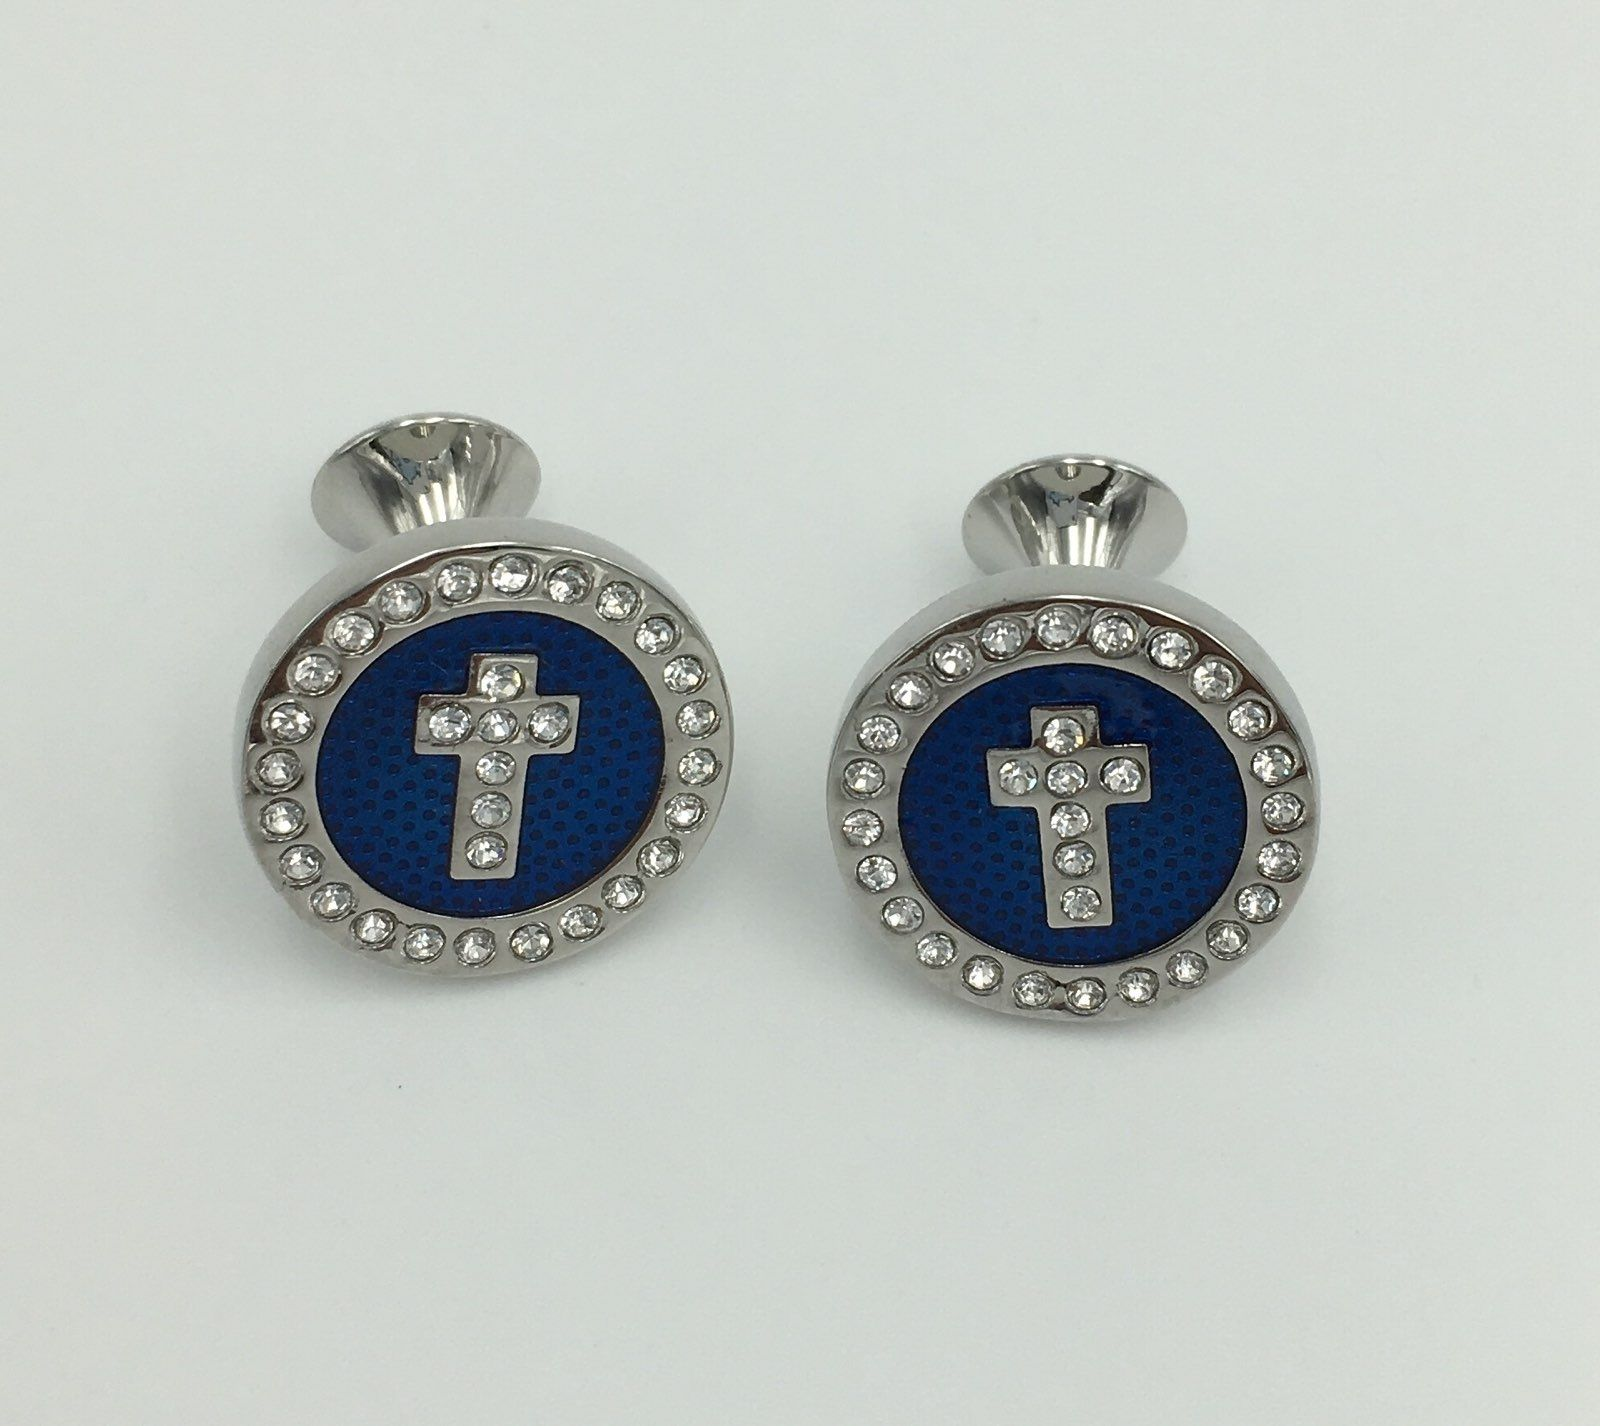 2 Pc. Noble Circle Cross Diamond Stone Cufflinks - Cobalt Blue